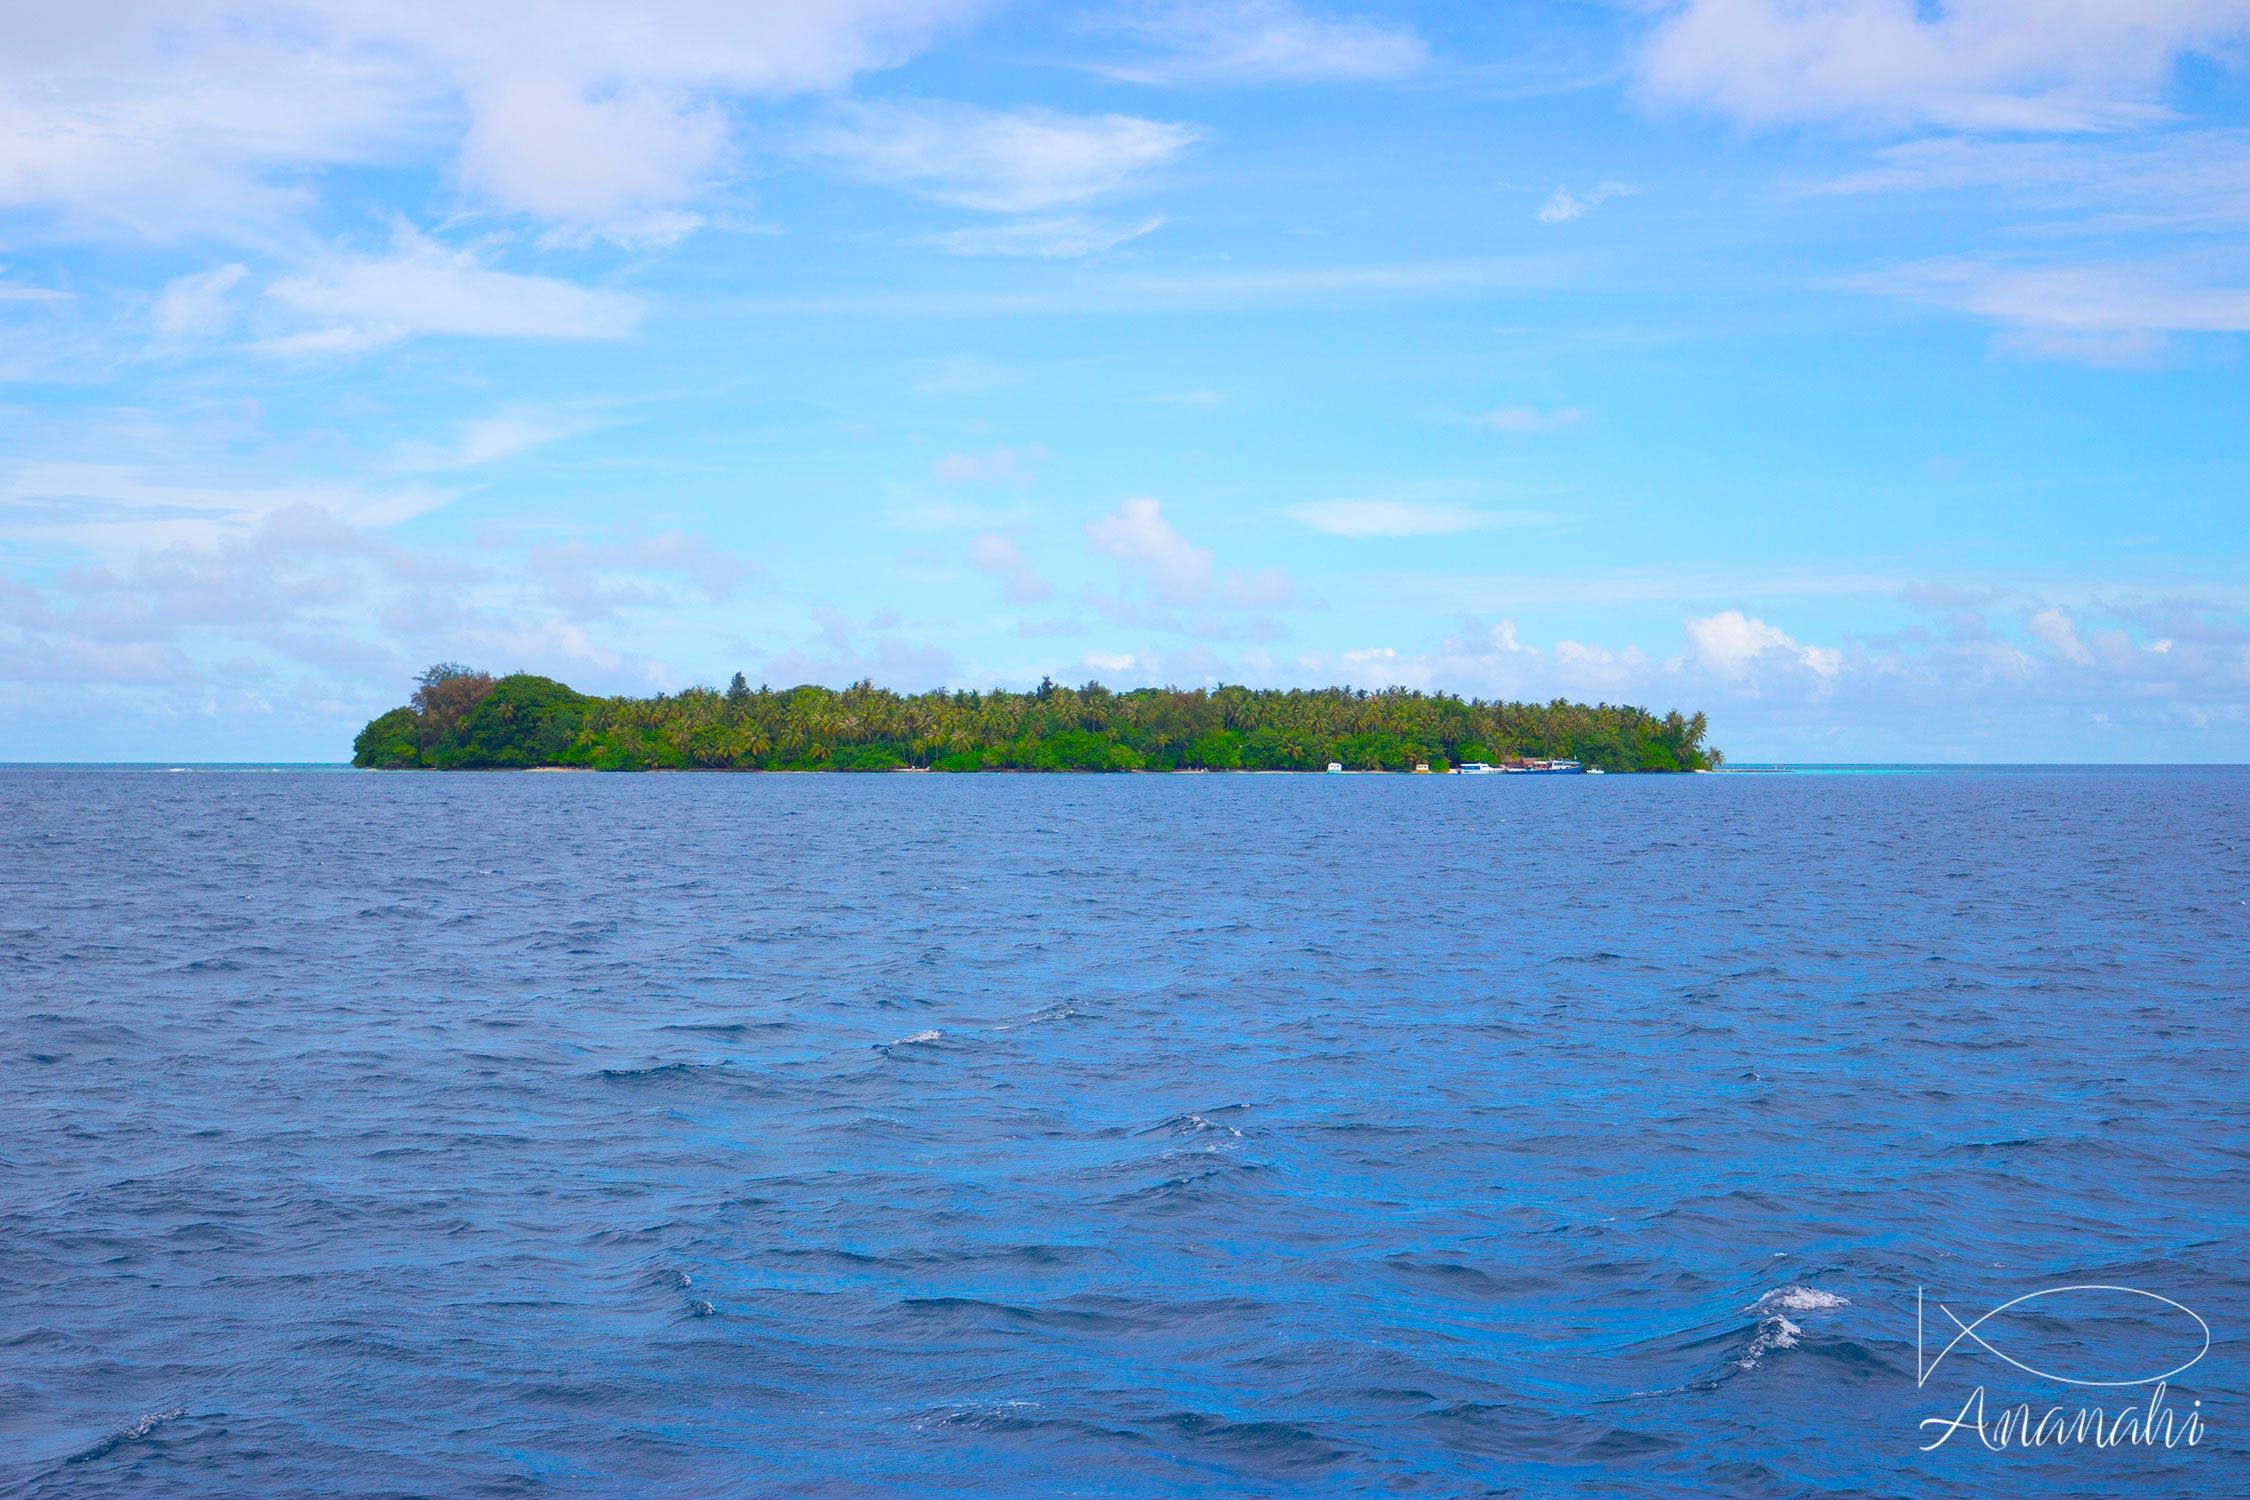 Biyadhoo island of Maldives